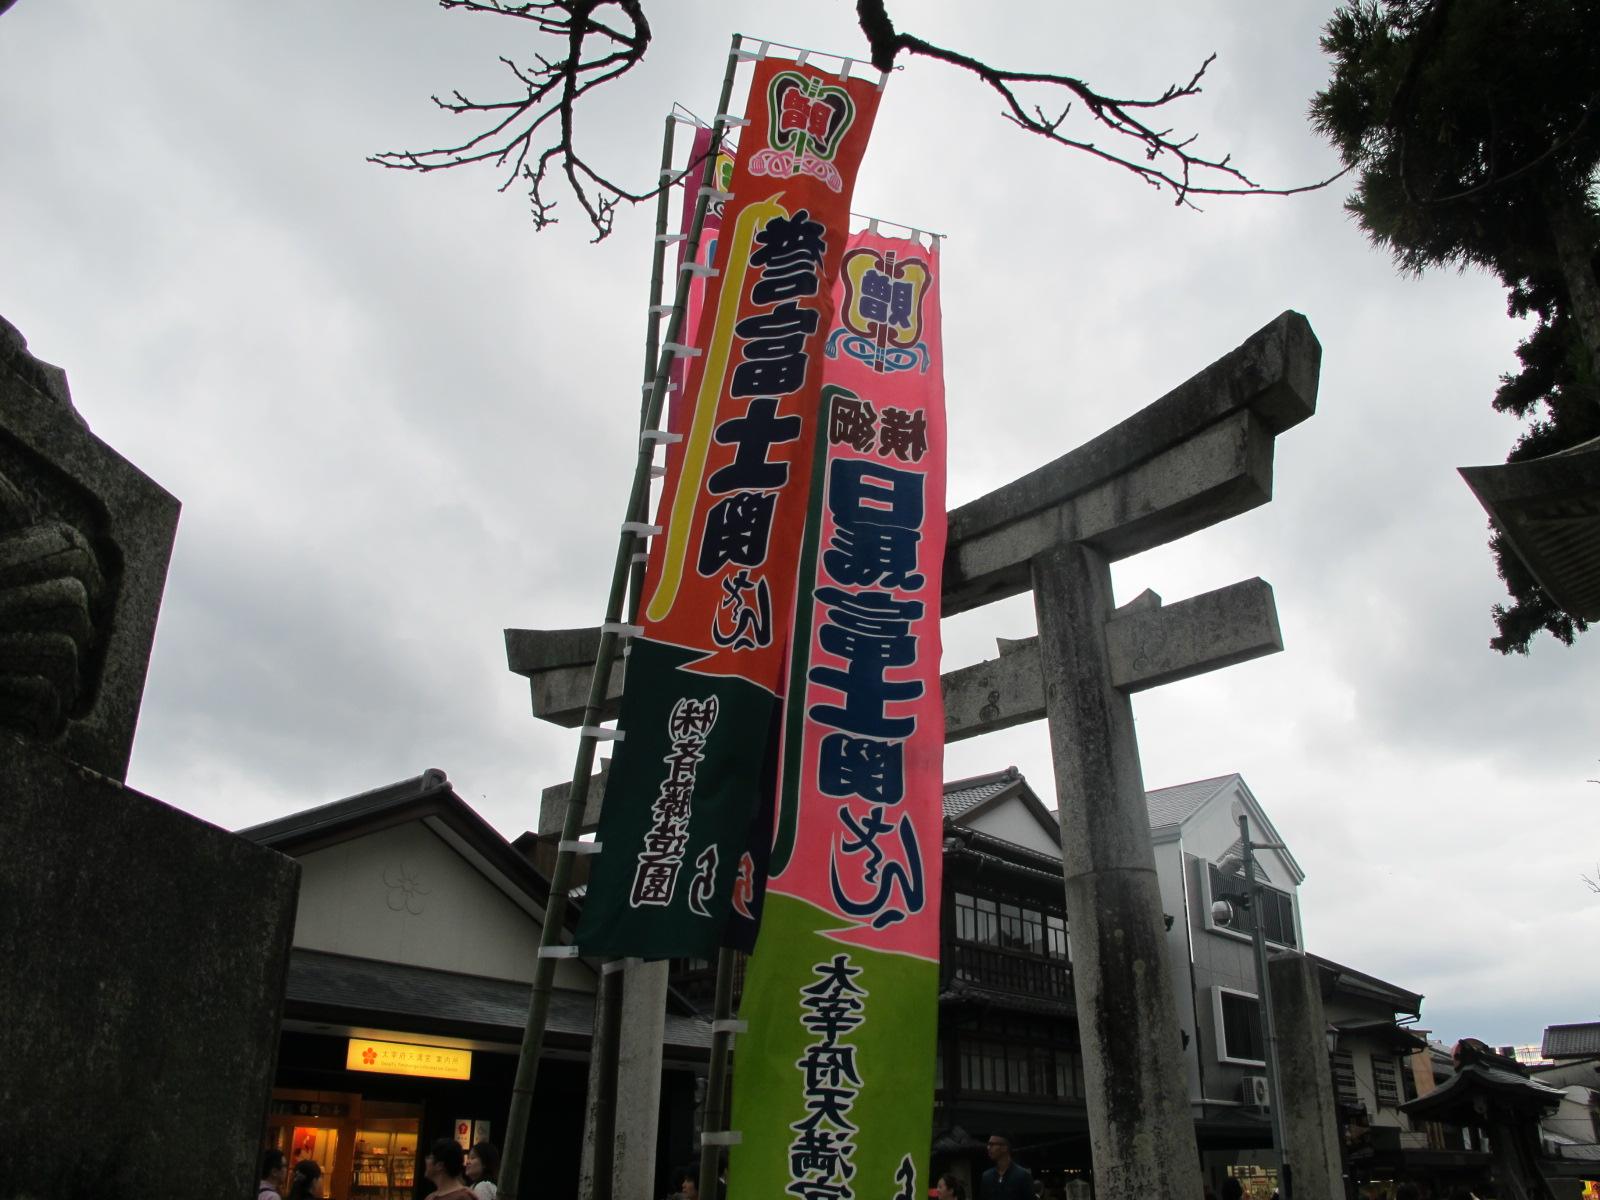 大宰府~歴史のまち歩き  2015.11.8(日) _a0166196_1872351.jpg